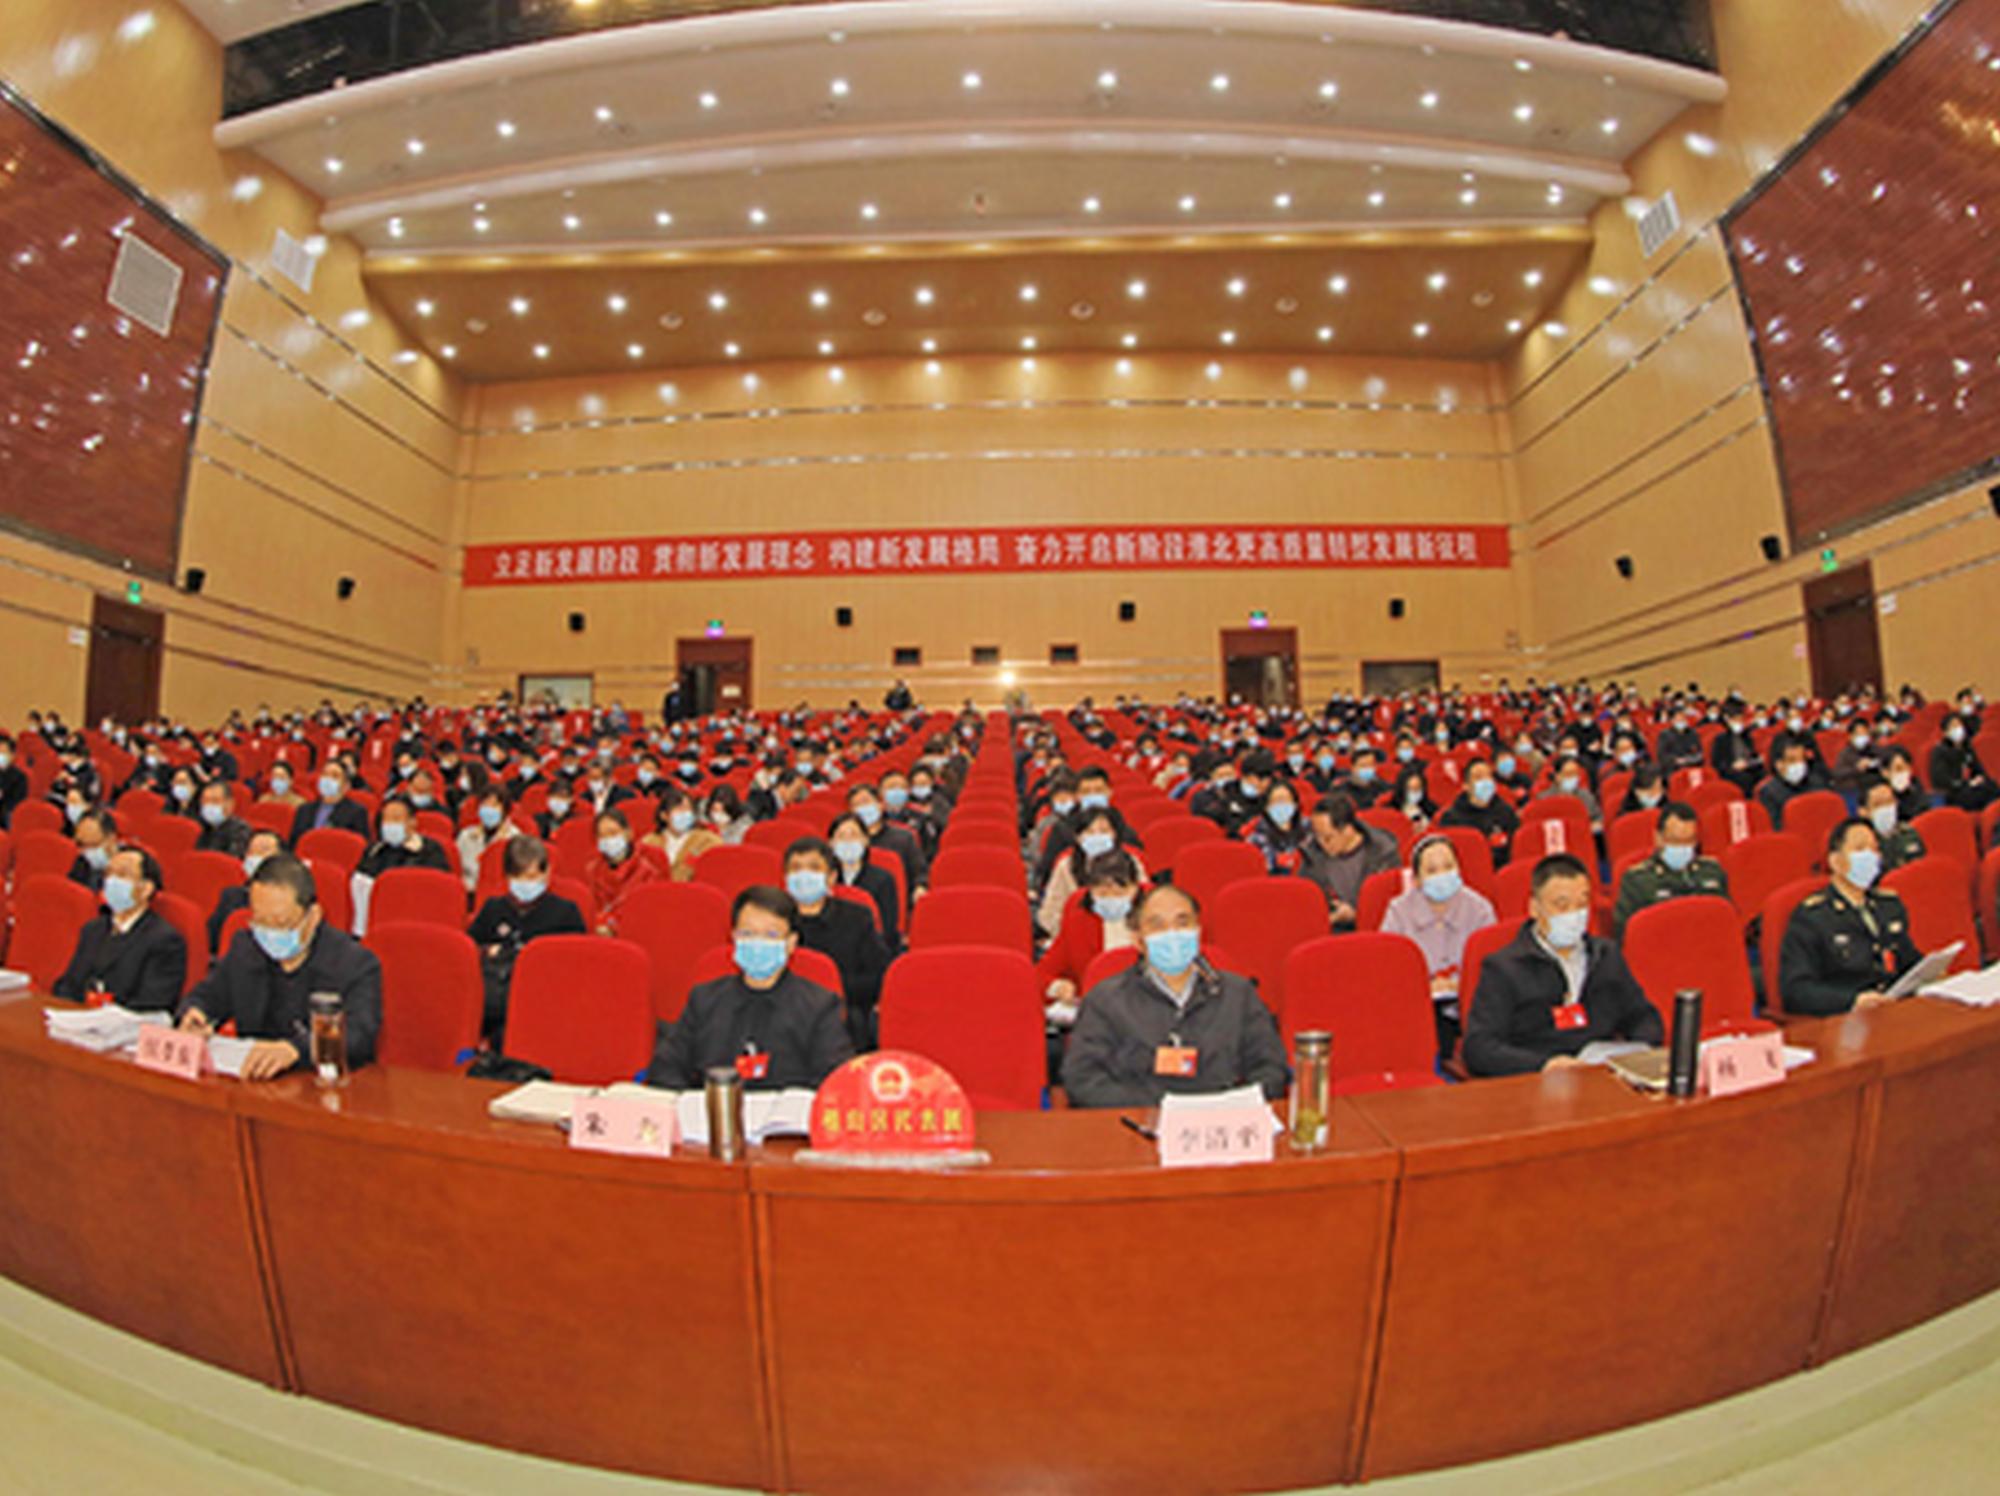 http://ah.sina.com.cn/news/2021-01-25/detail-ikftssap0503012.shtml